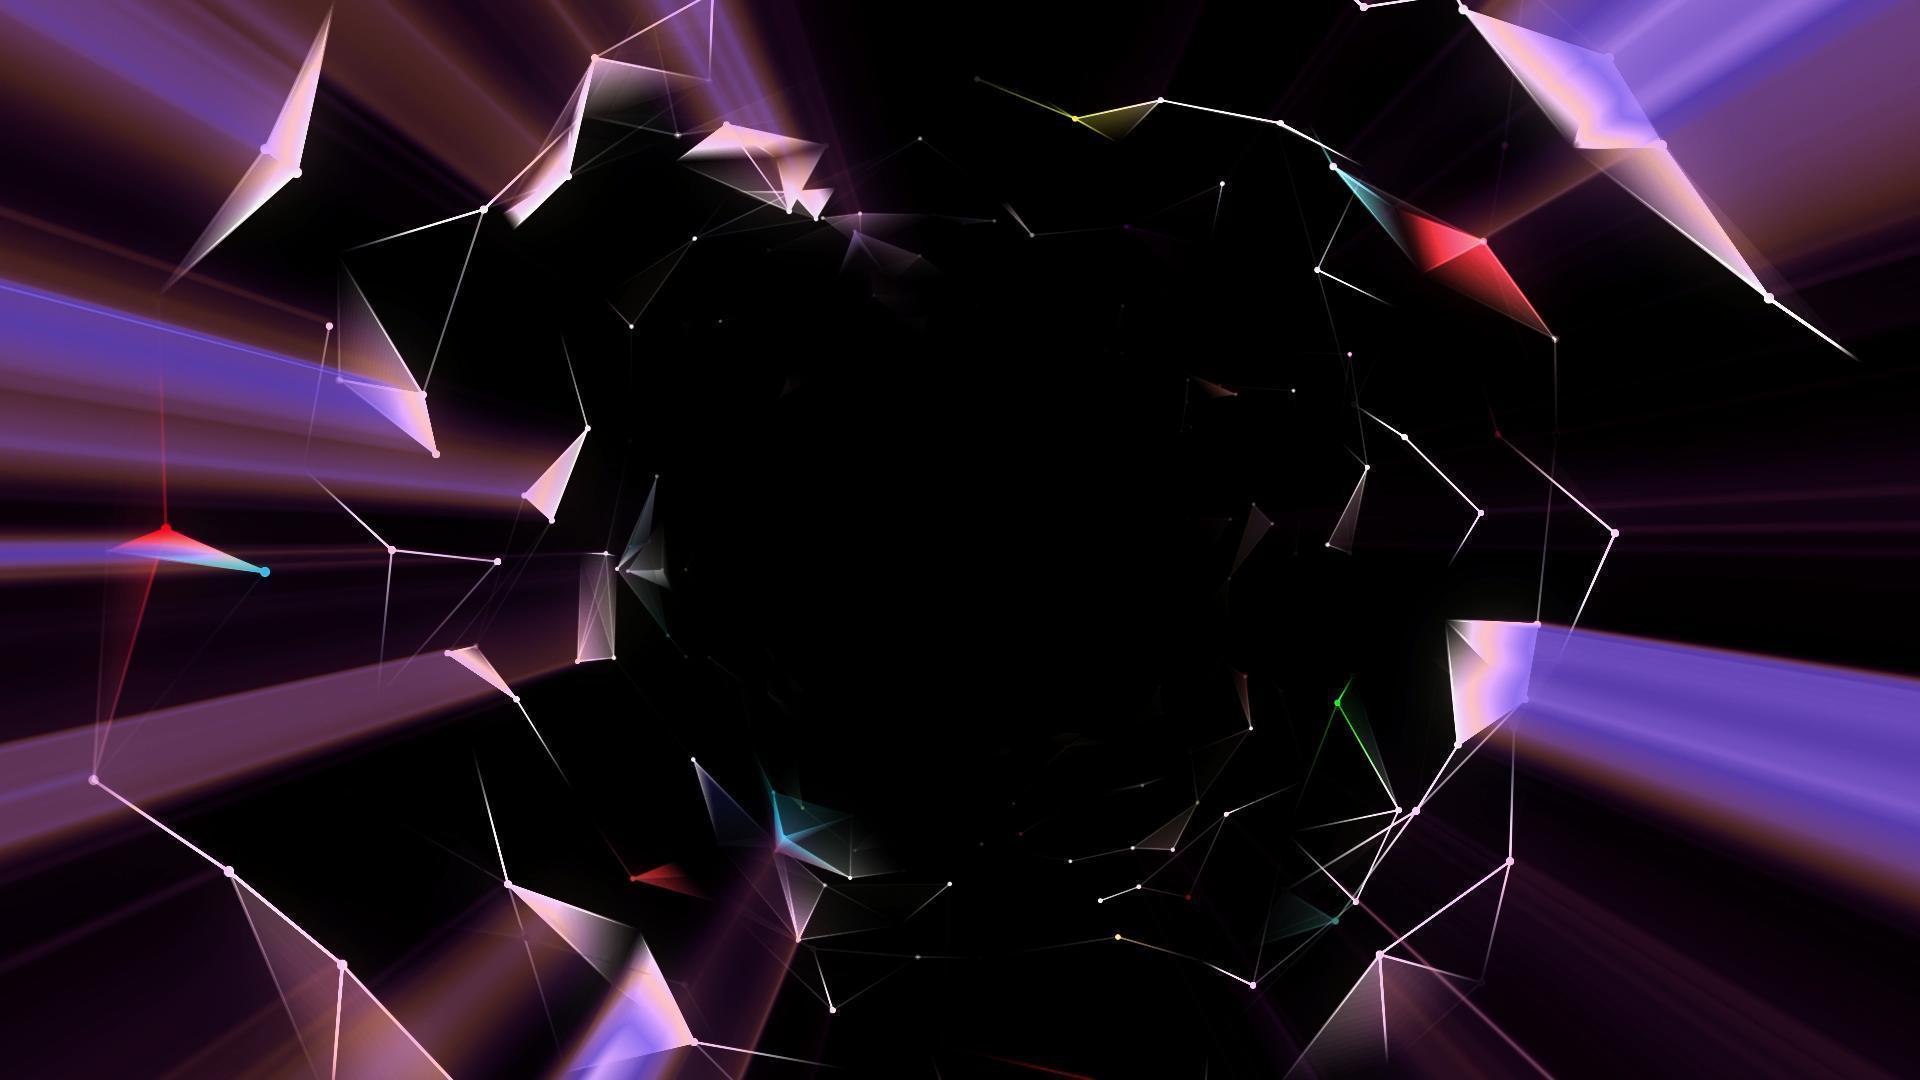 高清圆形发光粒子素材9